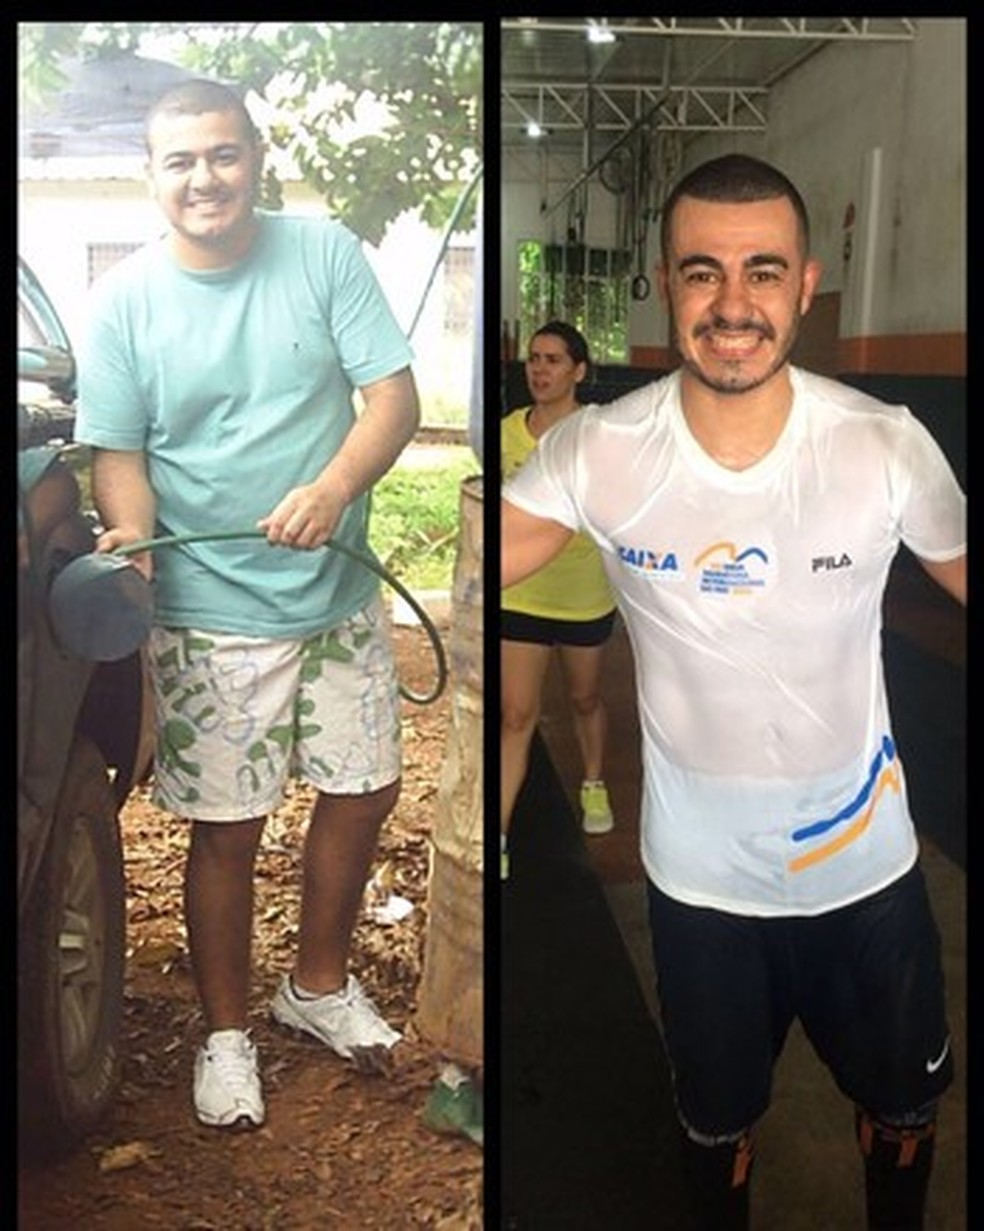 Além da transformação física, depois de um pré-infarto, quando passou dos 115kg para os 73kg, com caminhadas, reeducação alimentar e Crossfit (Foto: Arquivo pessoal)